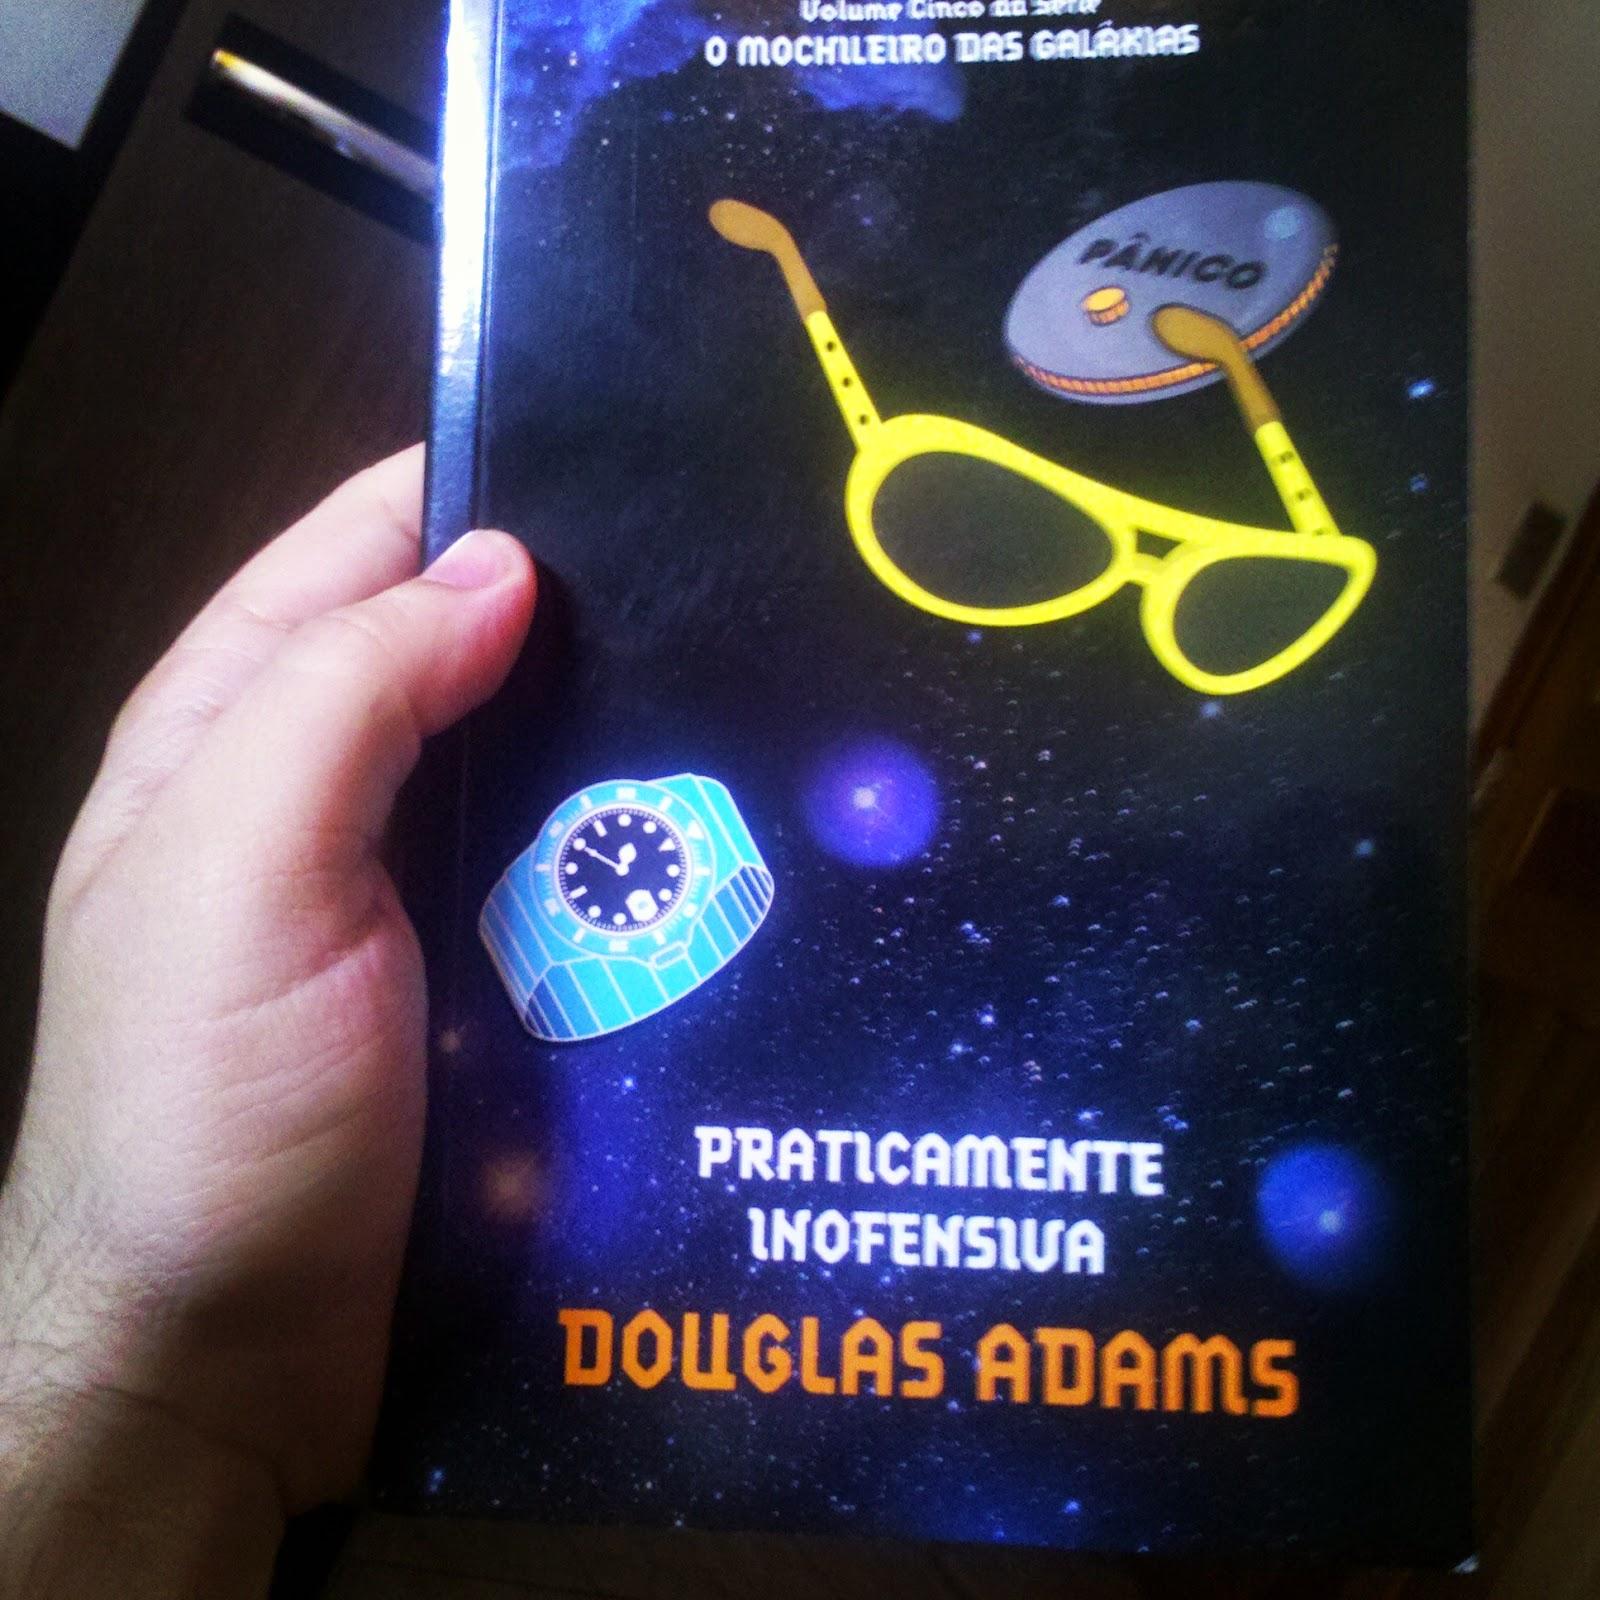 Praticamente Inofensiva - O Guia do Mochileiro das Galáxias